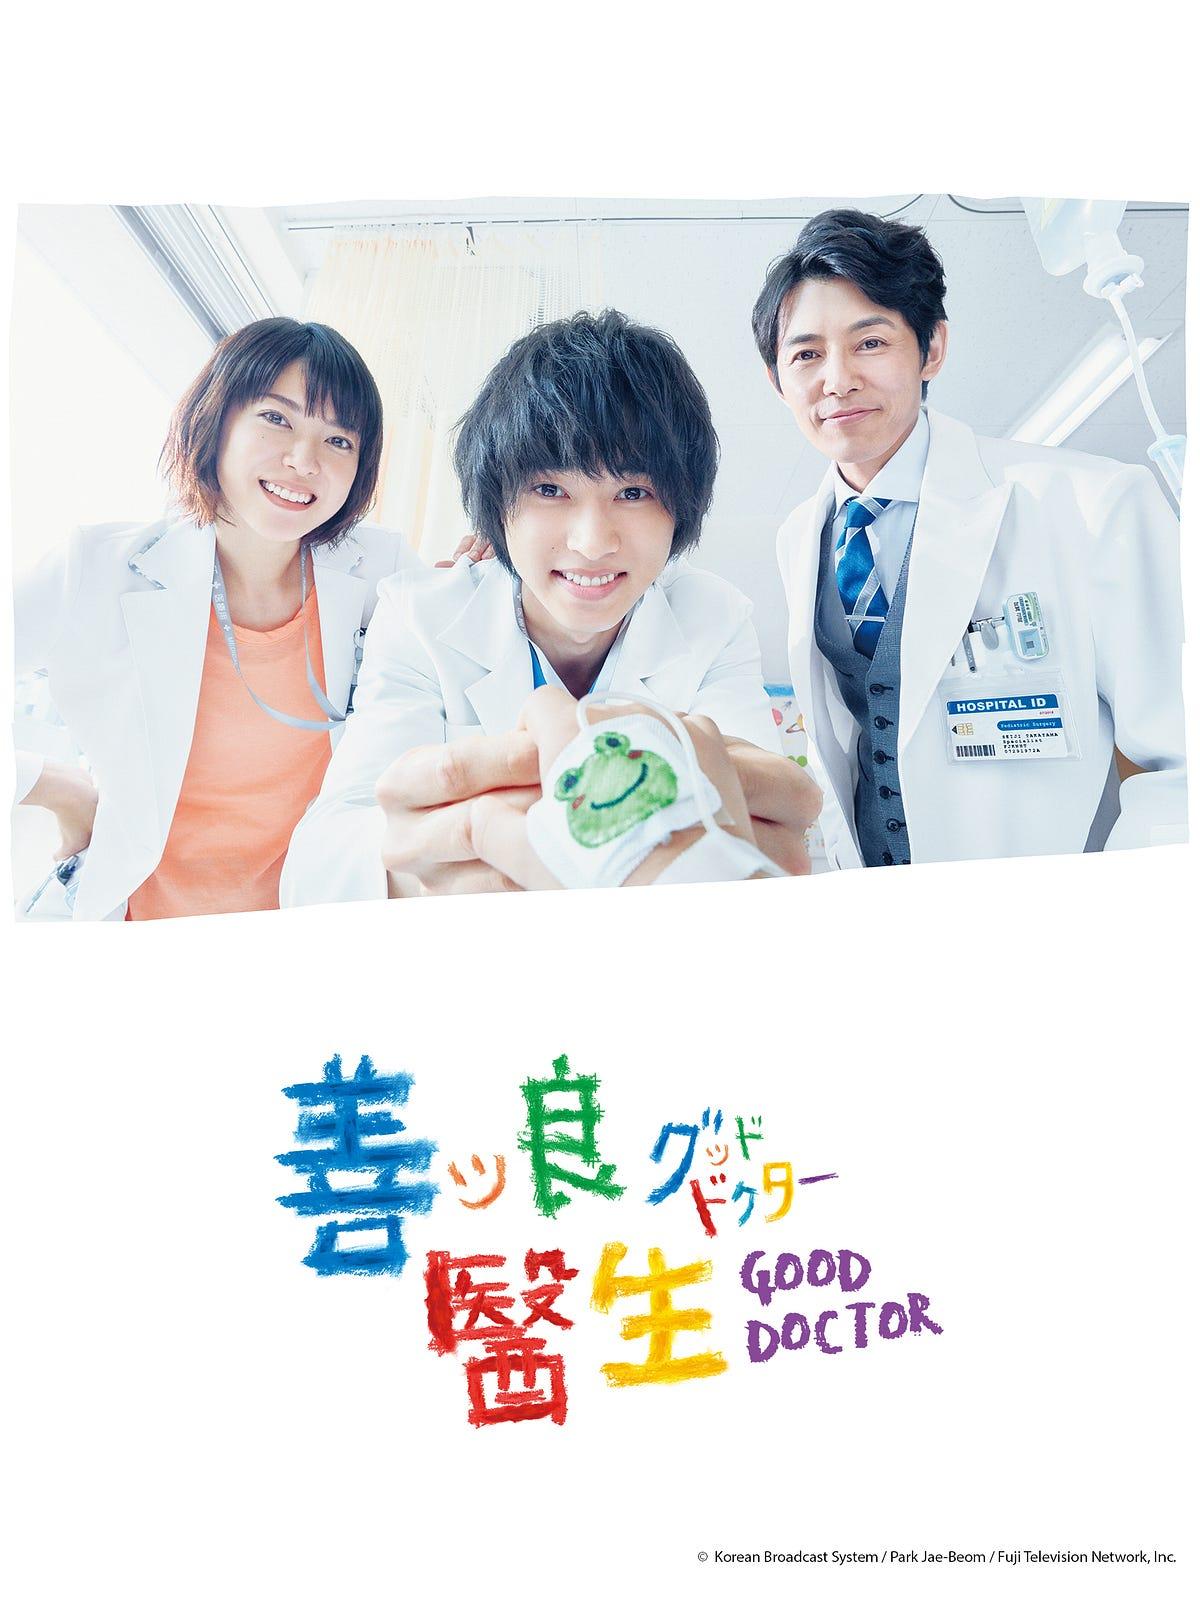 【難以抗劇】Good Doctor 善良醫生 - 【難以抗劇】 - Medium